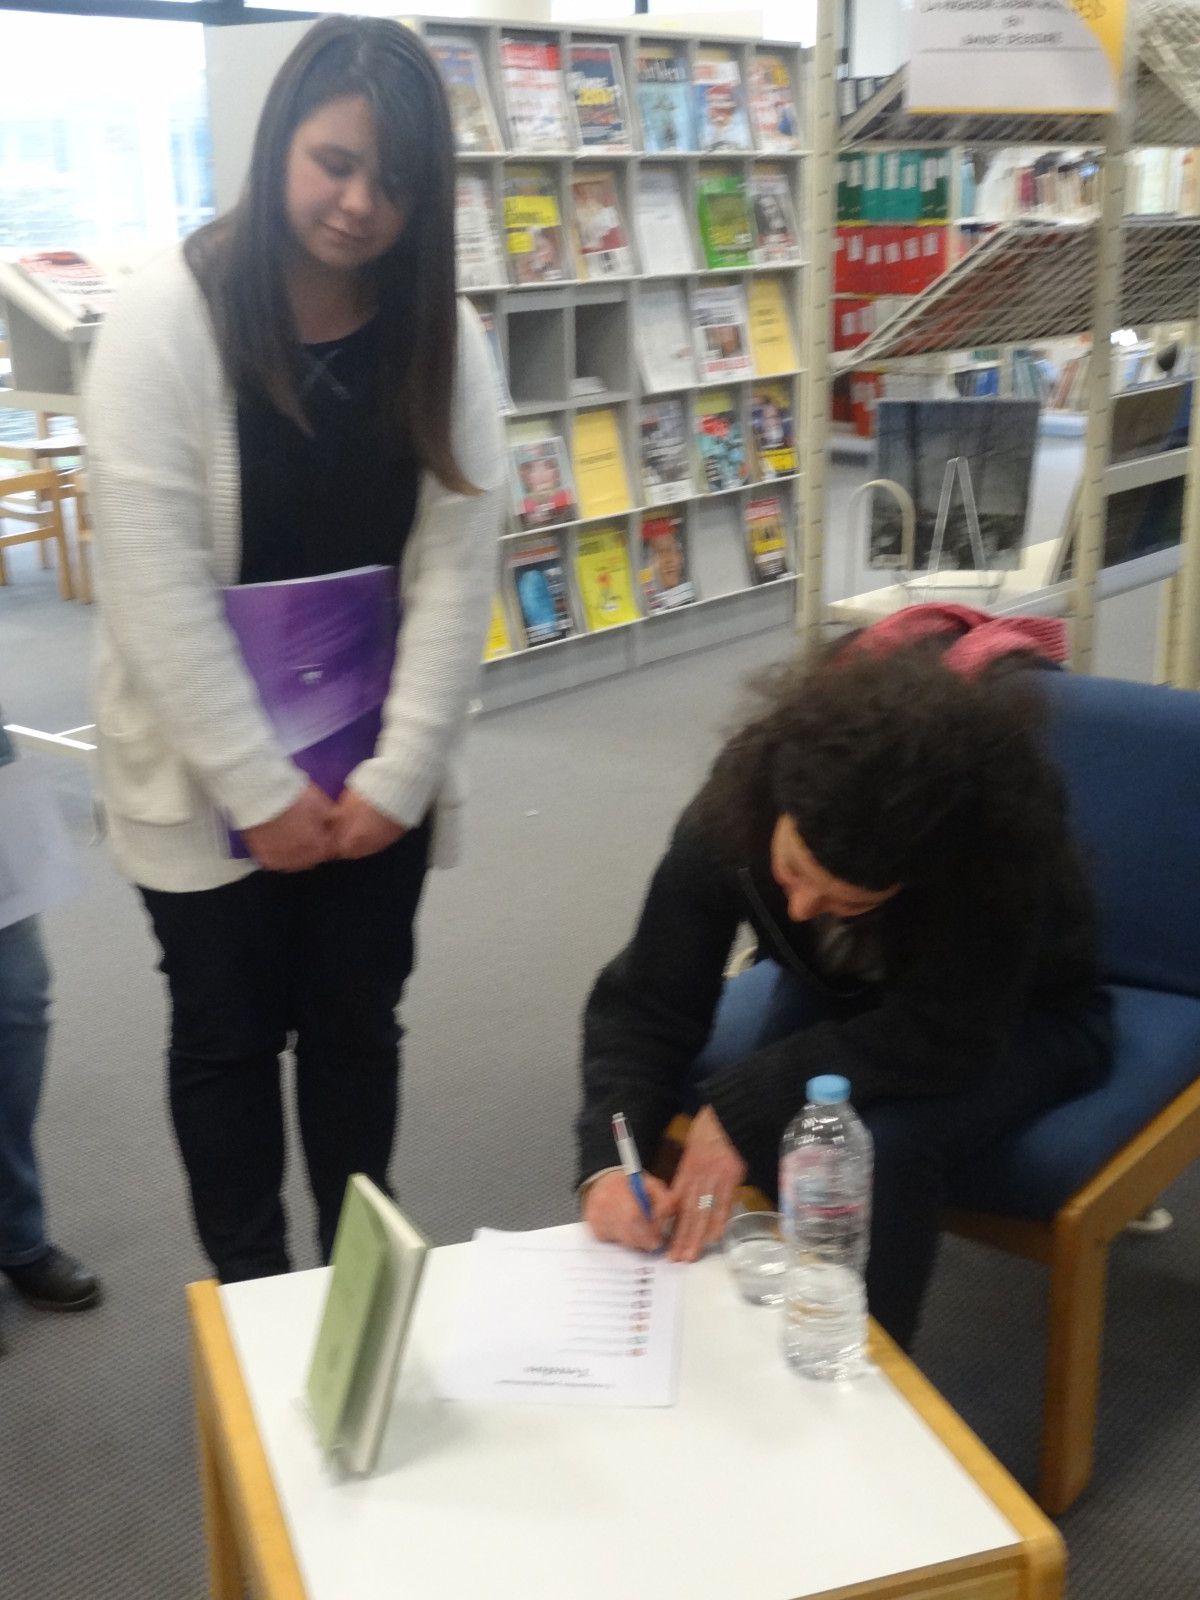 Le 20-02-14, les lycéens d'i-voix ont rencontré Albane Gellé, auteure du recueil Si je suis de ce monde, au CDI du lycée de l'Iroise : lectures, échanges, dédédicaces ... Voici quelques images de la rencontre.